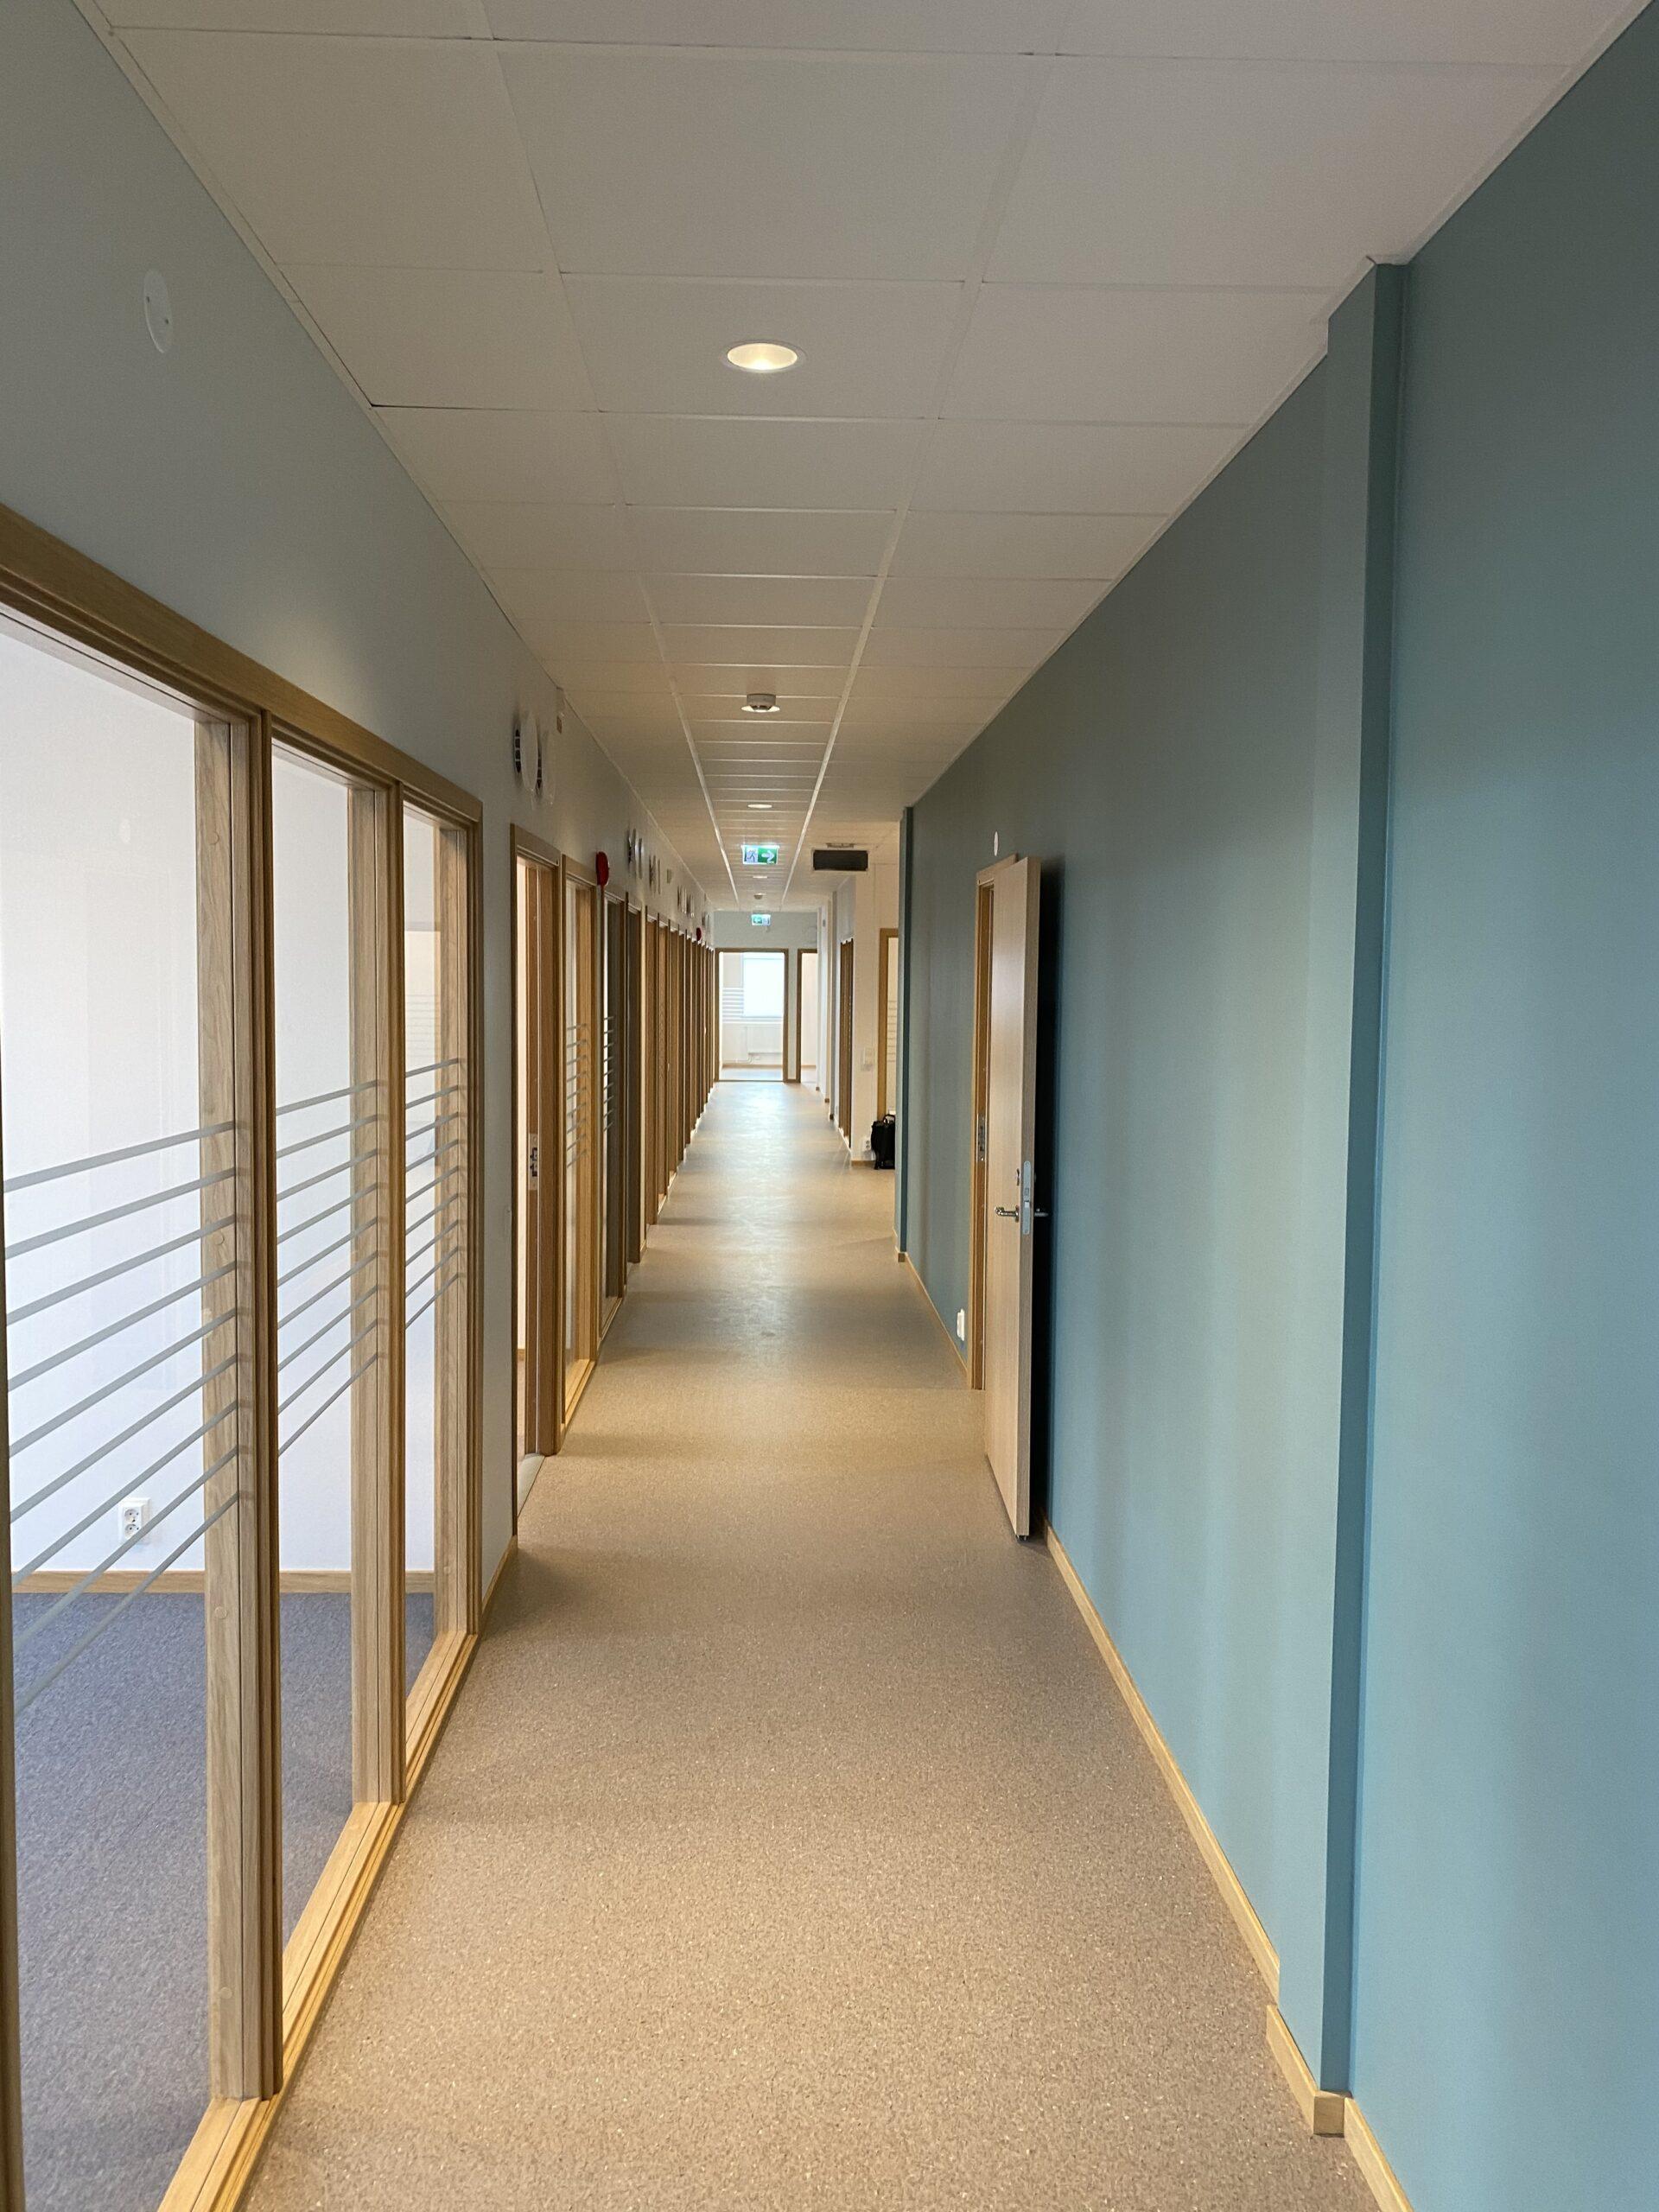 Rättspsykiatrin i Malmö, NBI har stått för totalentreprenaden